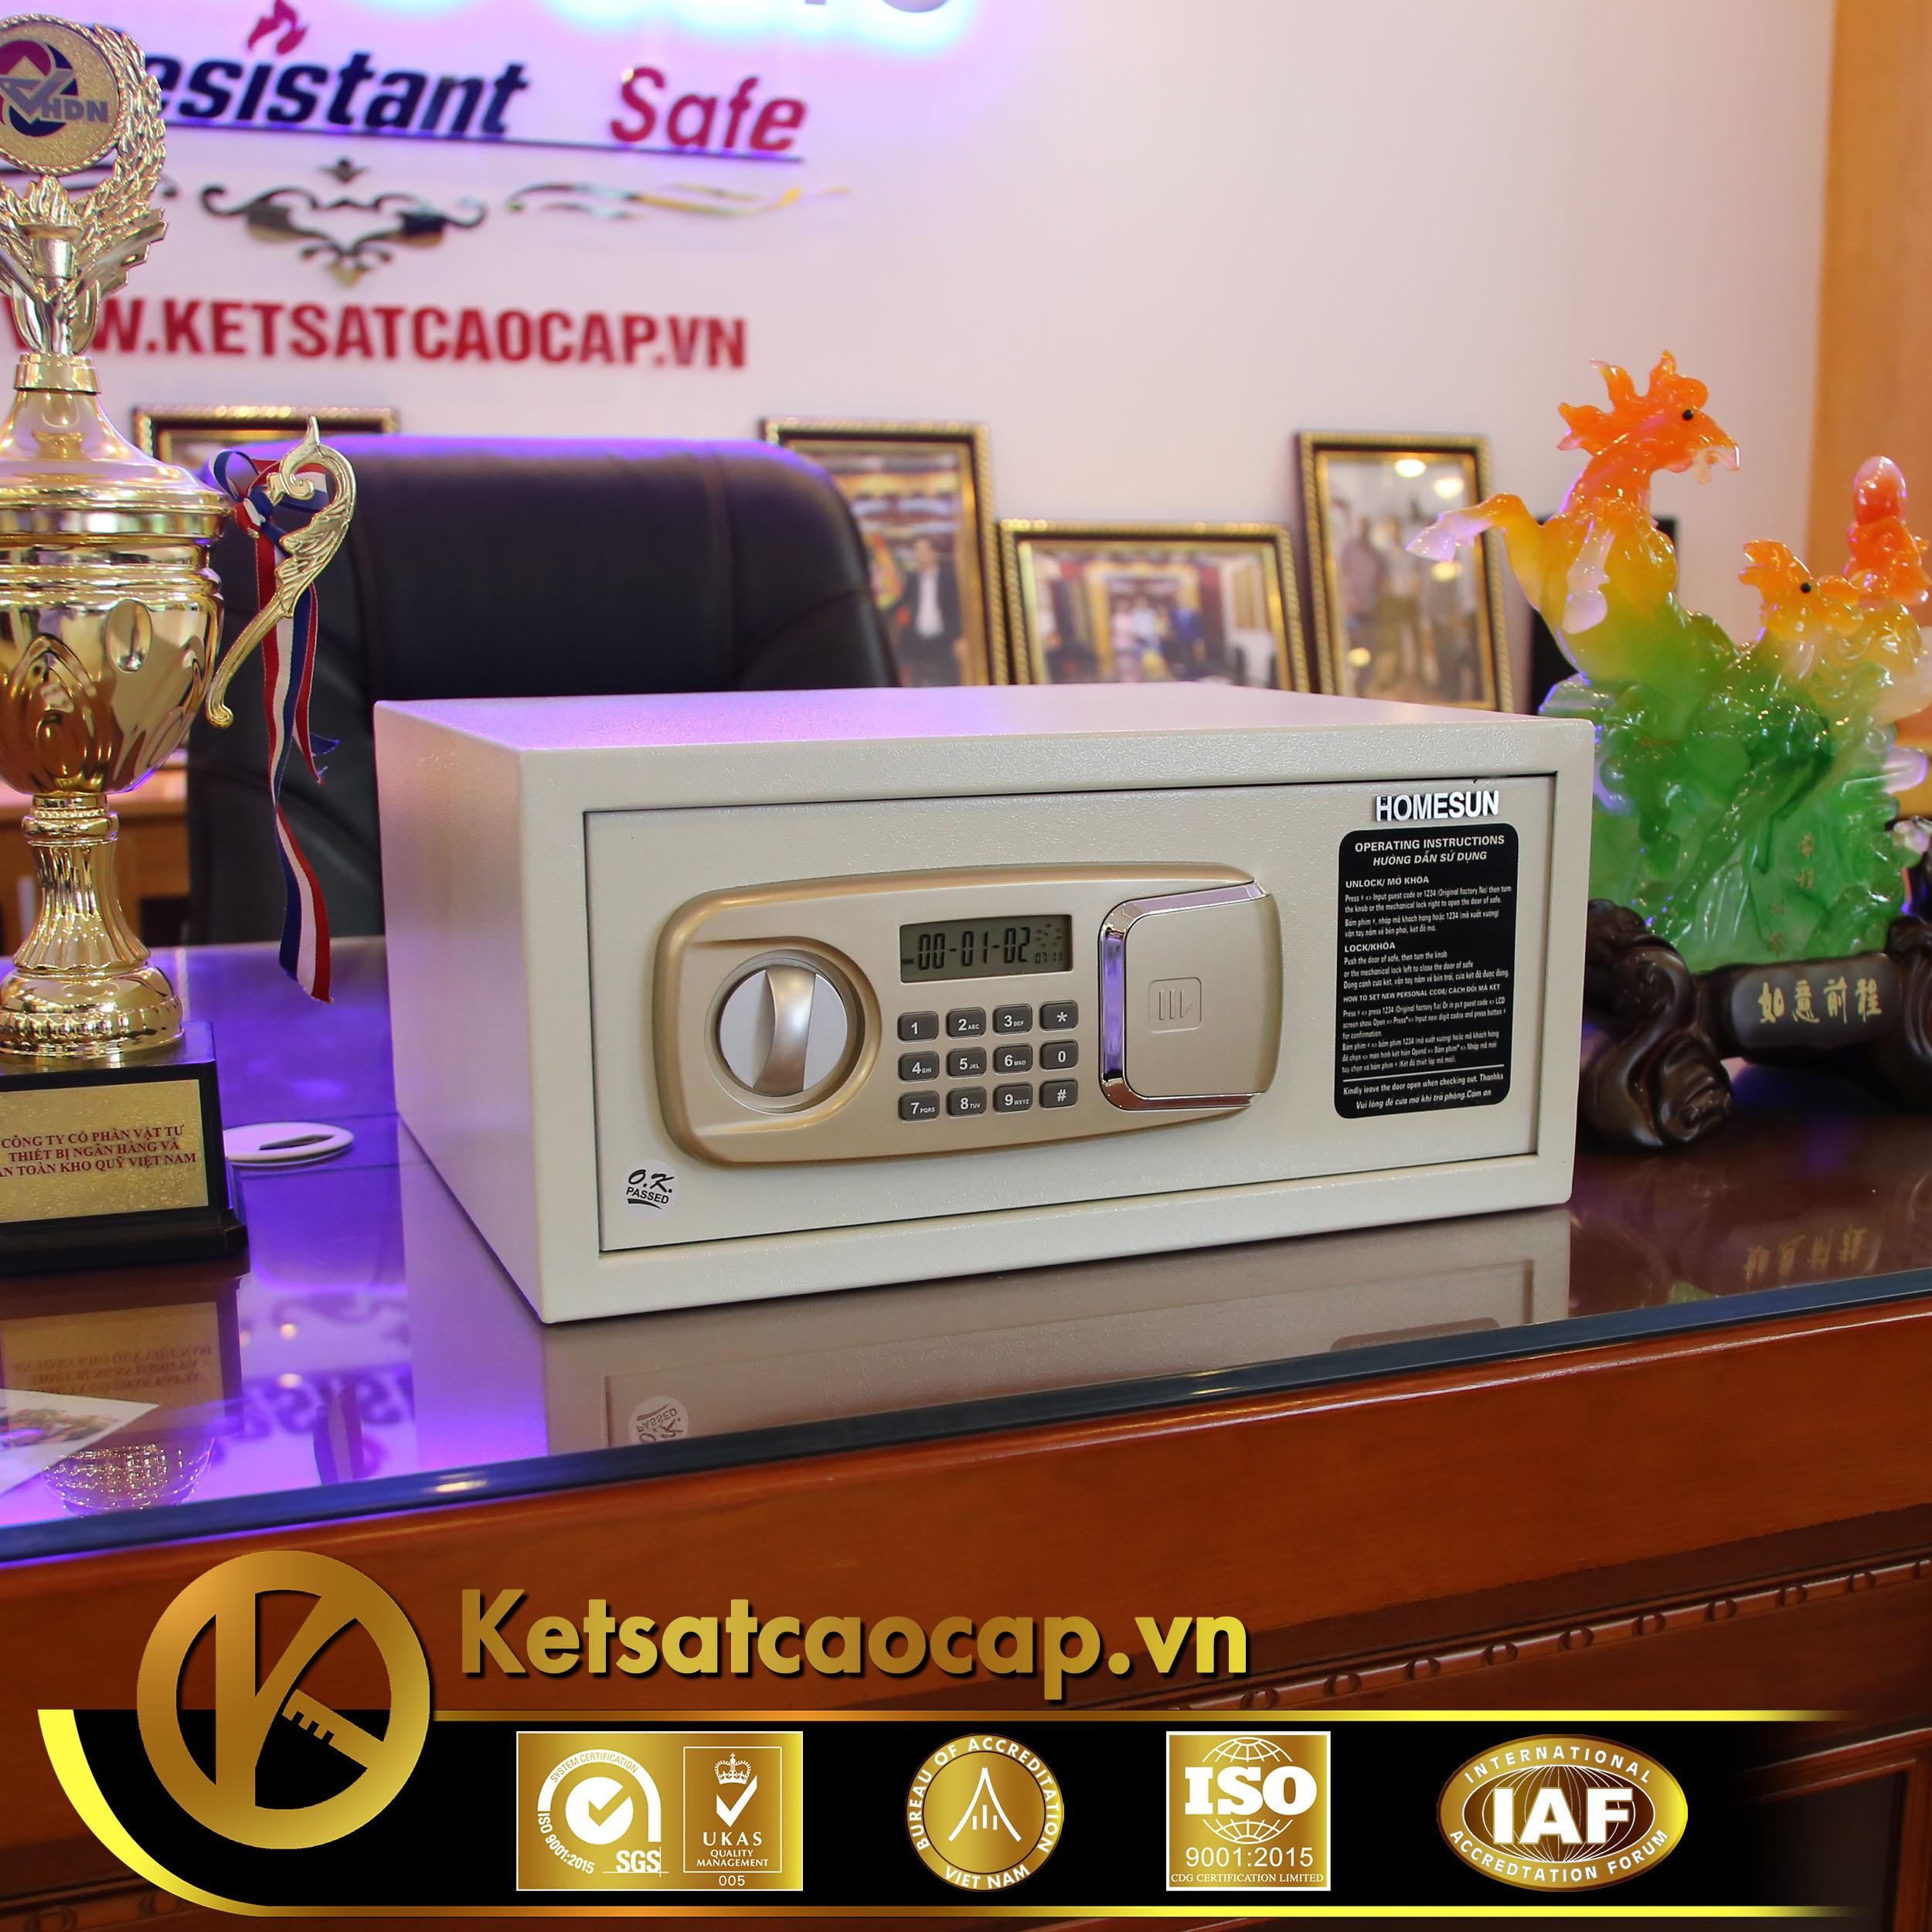 nhà cung cấp két sắt khách sạn chất lượng tại Phú Quốc WELKO Hotel Safe